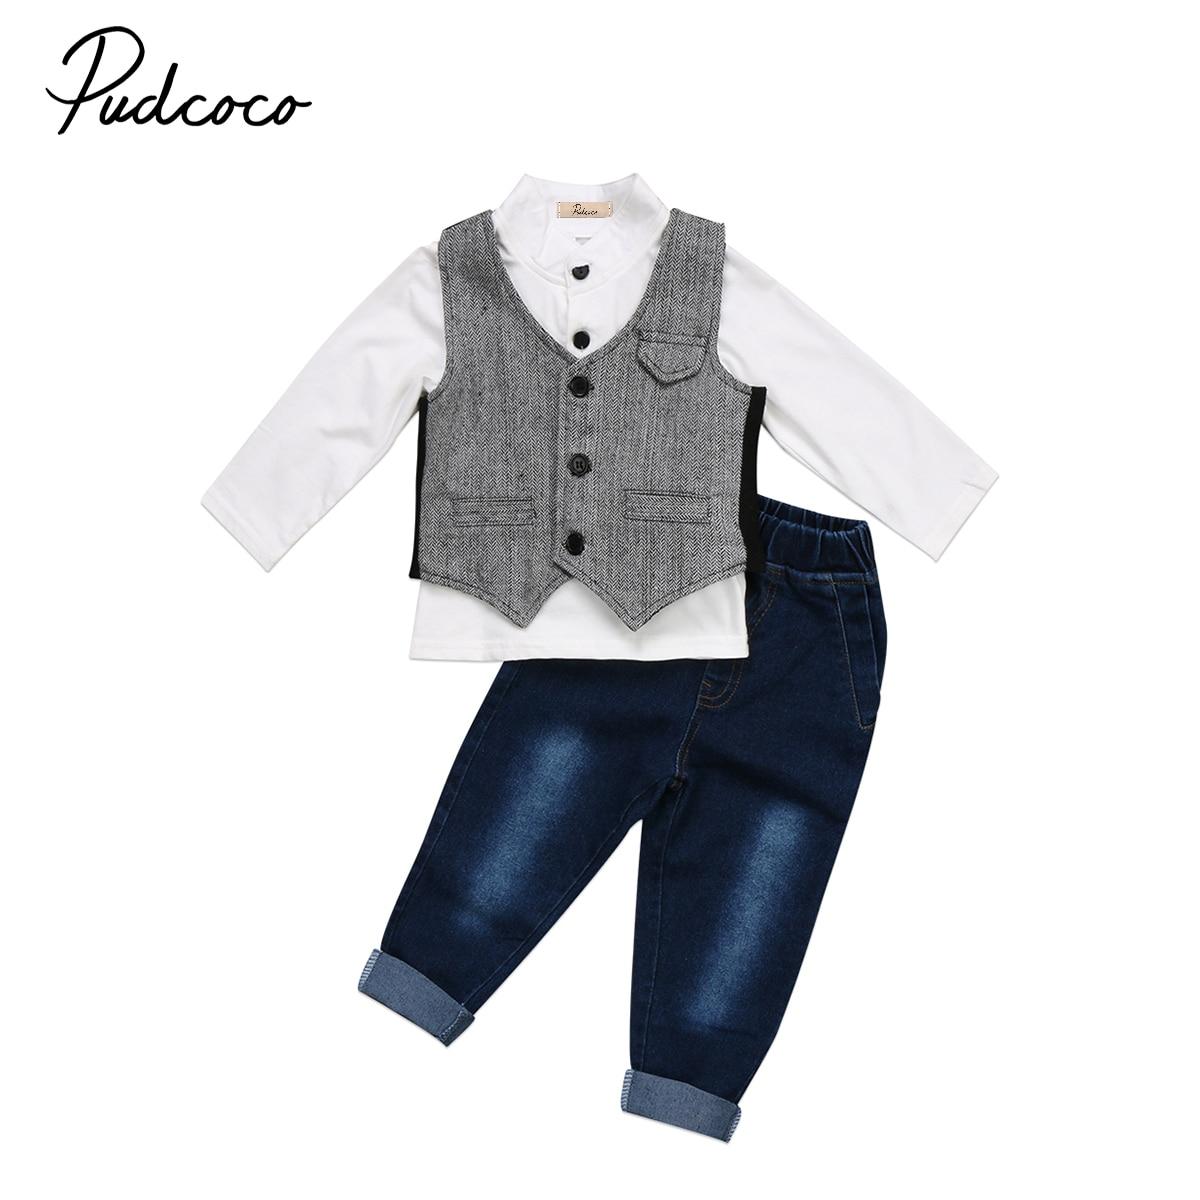 Newest Fashion Little Boy Gentlemen 3 Pcs Clothing Set Children Boys Vest shirt Jeans Formal suit Spring Autumn Kids 2-7 T